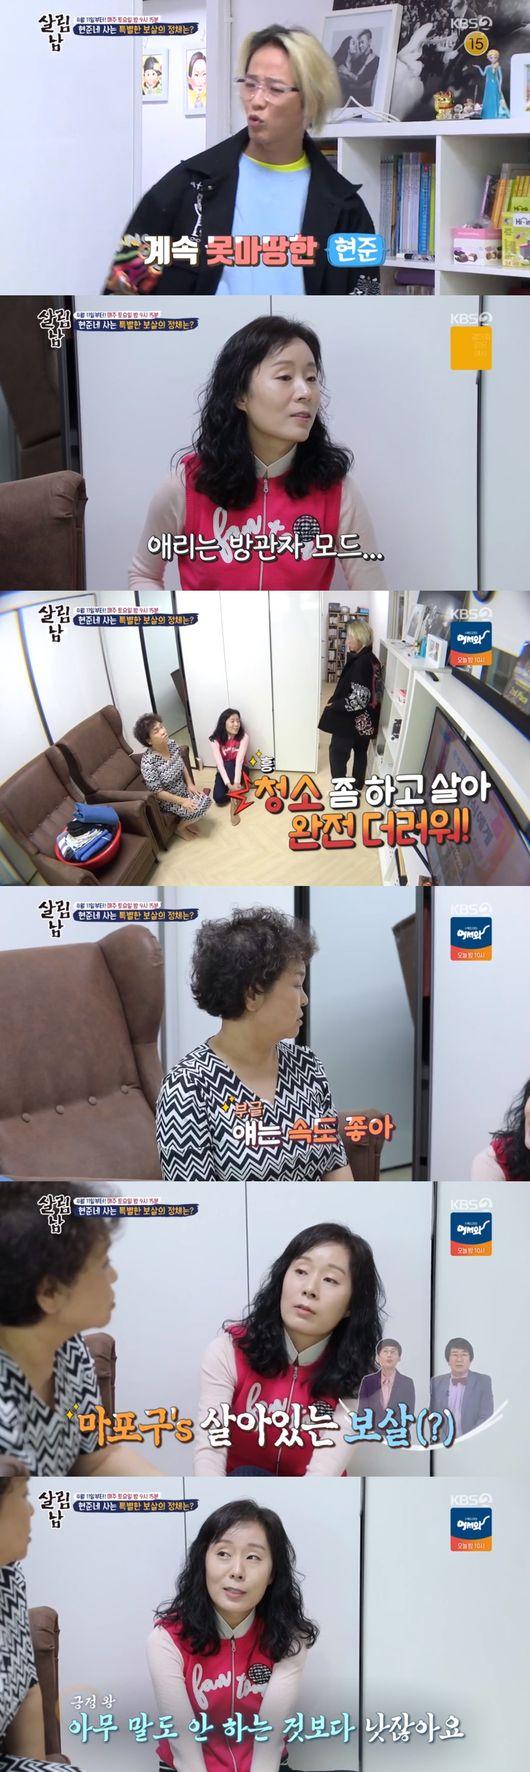 '살림남2' 팝핀현준母, ''며느리 박애리=박보살, 참다가 병 될까 걱정'' [어저께TV]